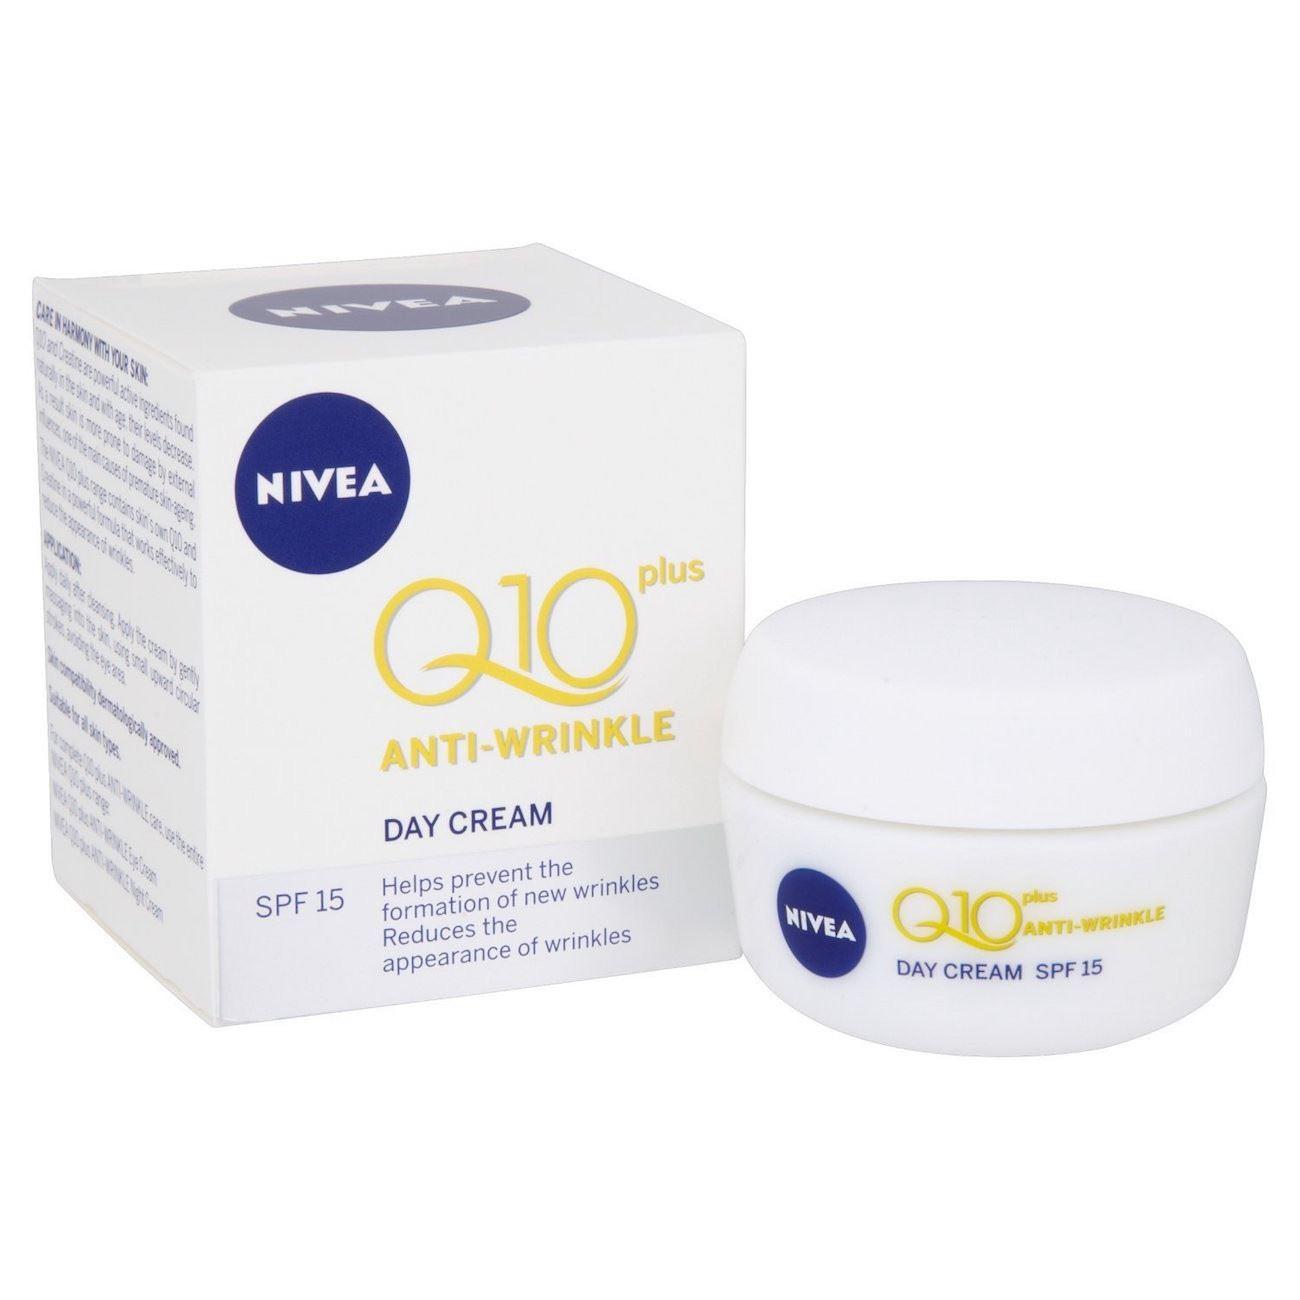 nivea anti wrinkle q10 plus